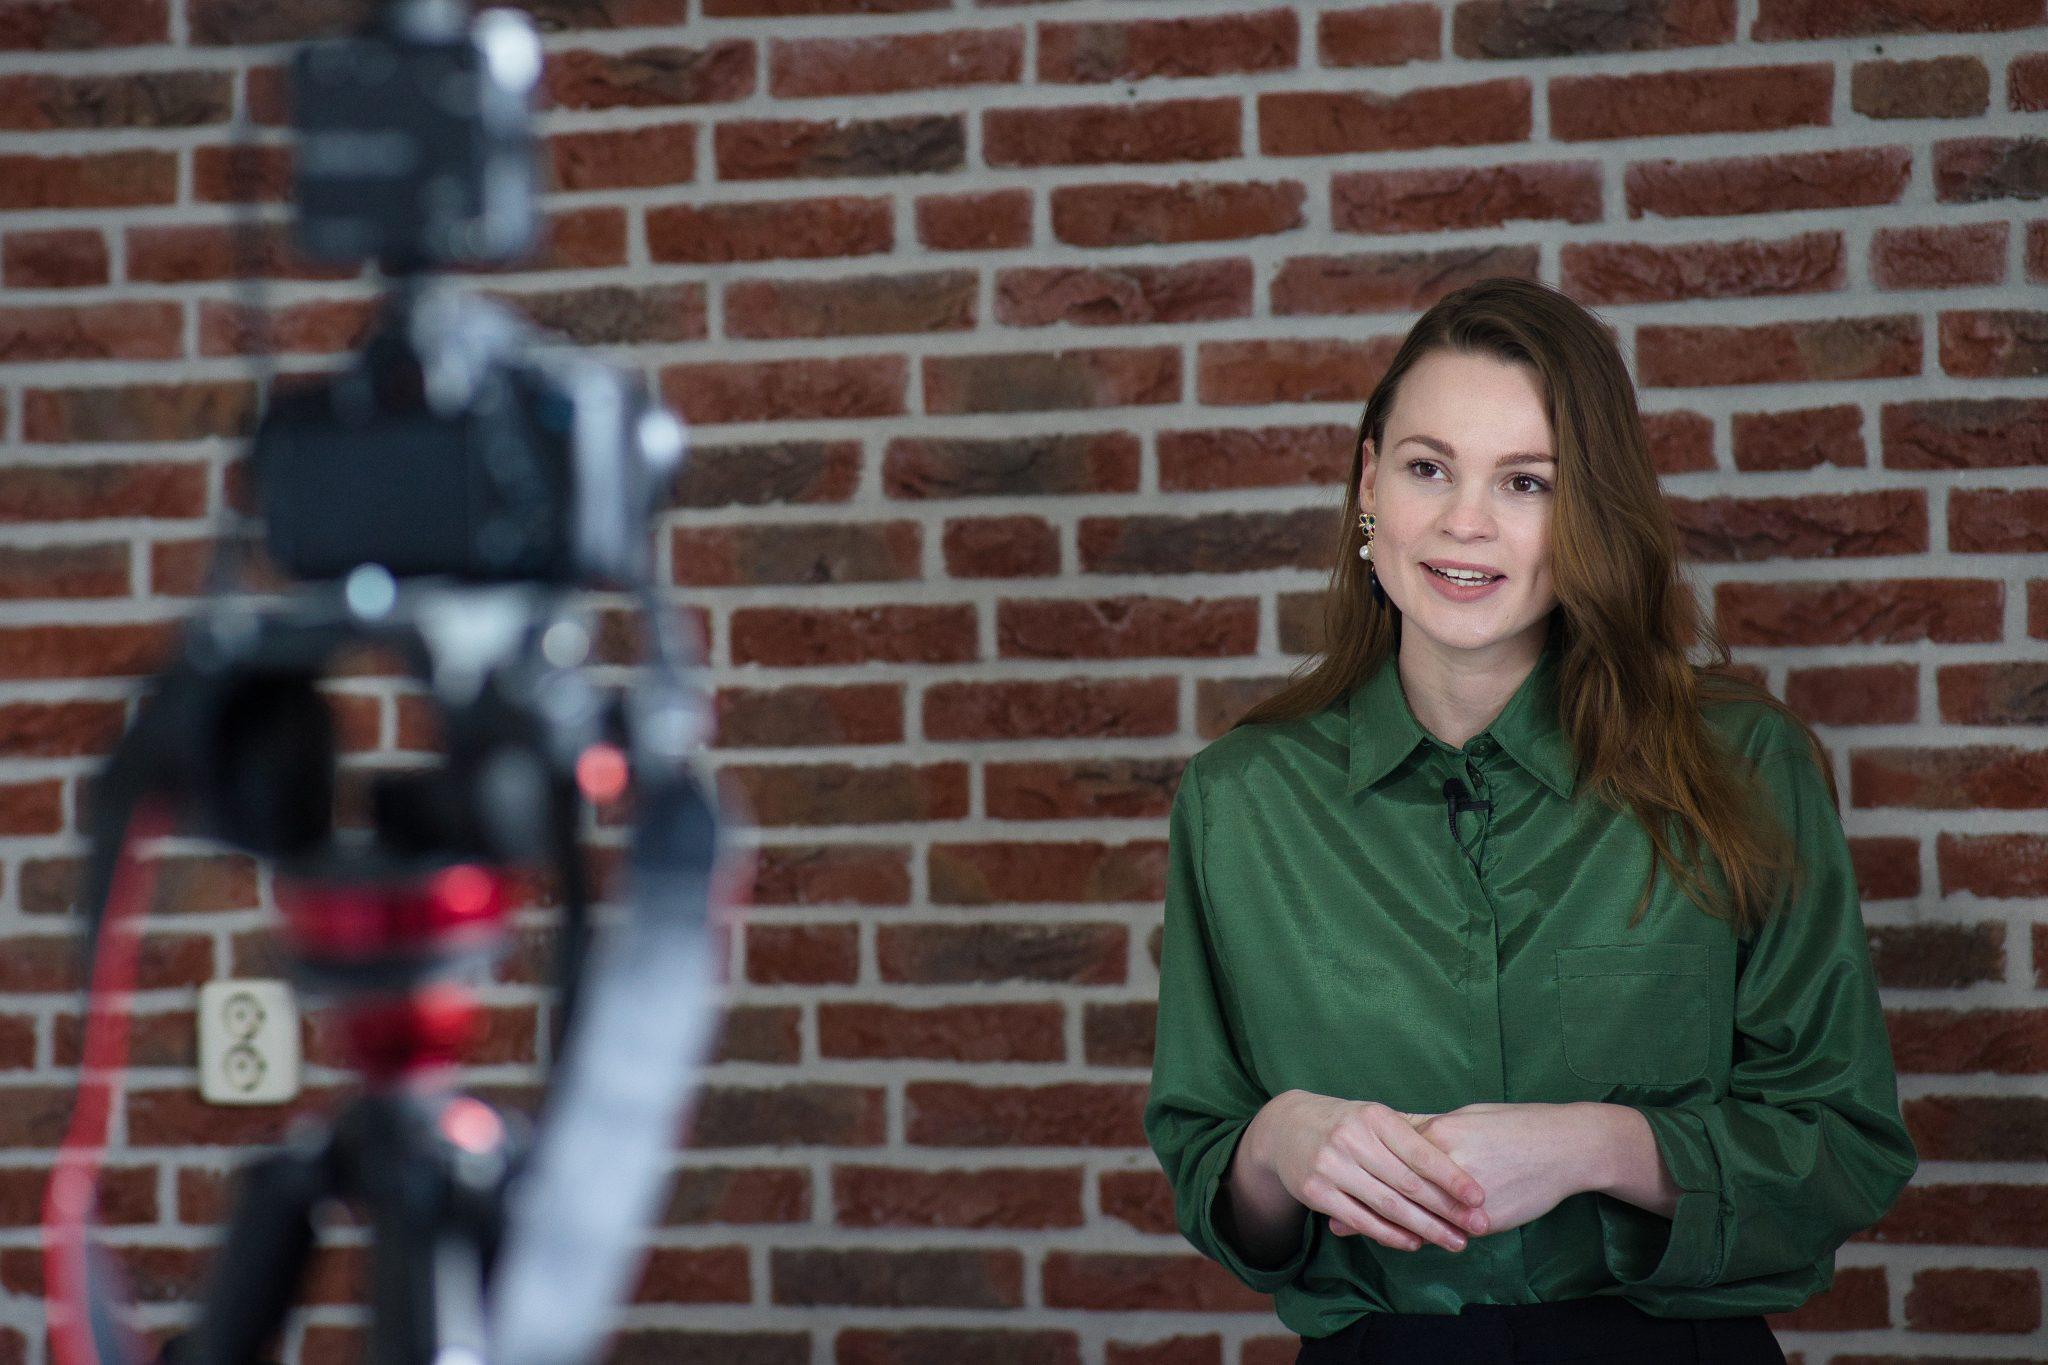 Lilian Plas video